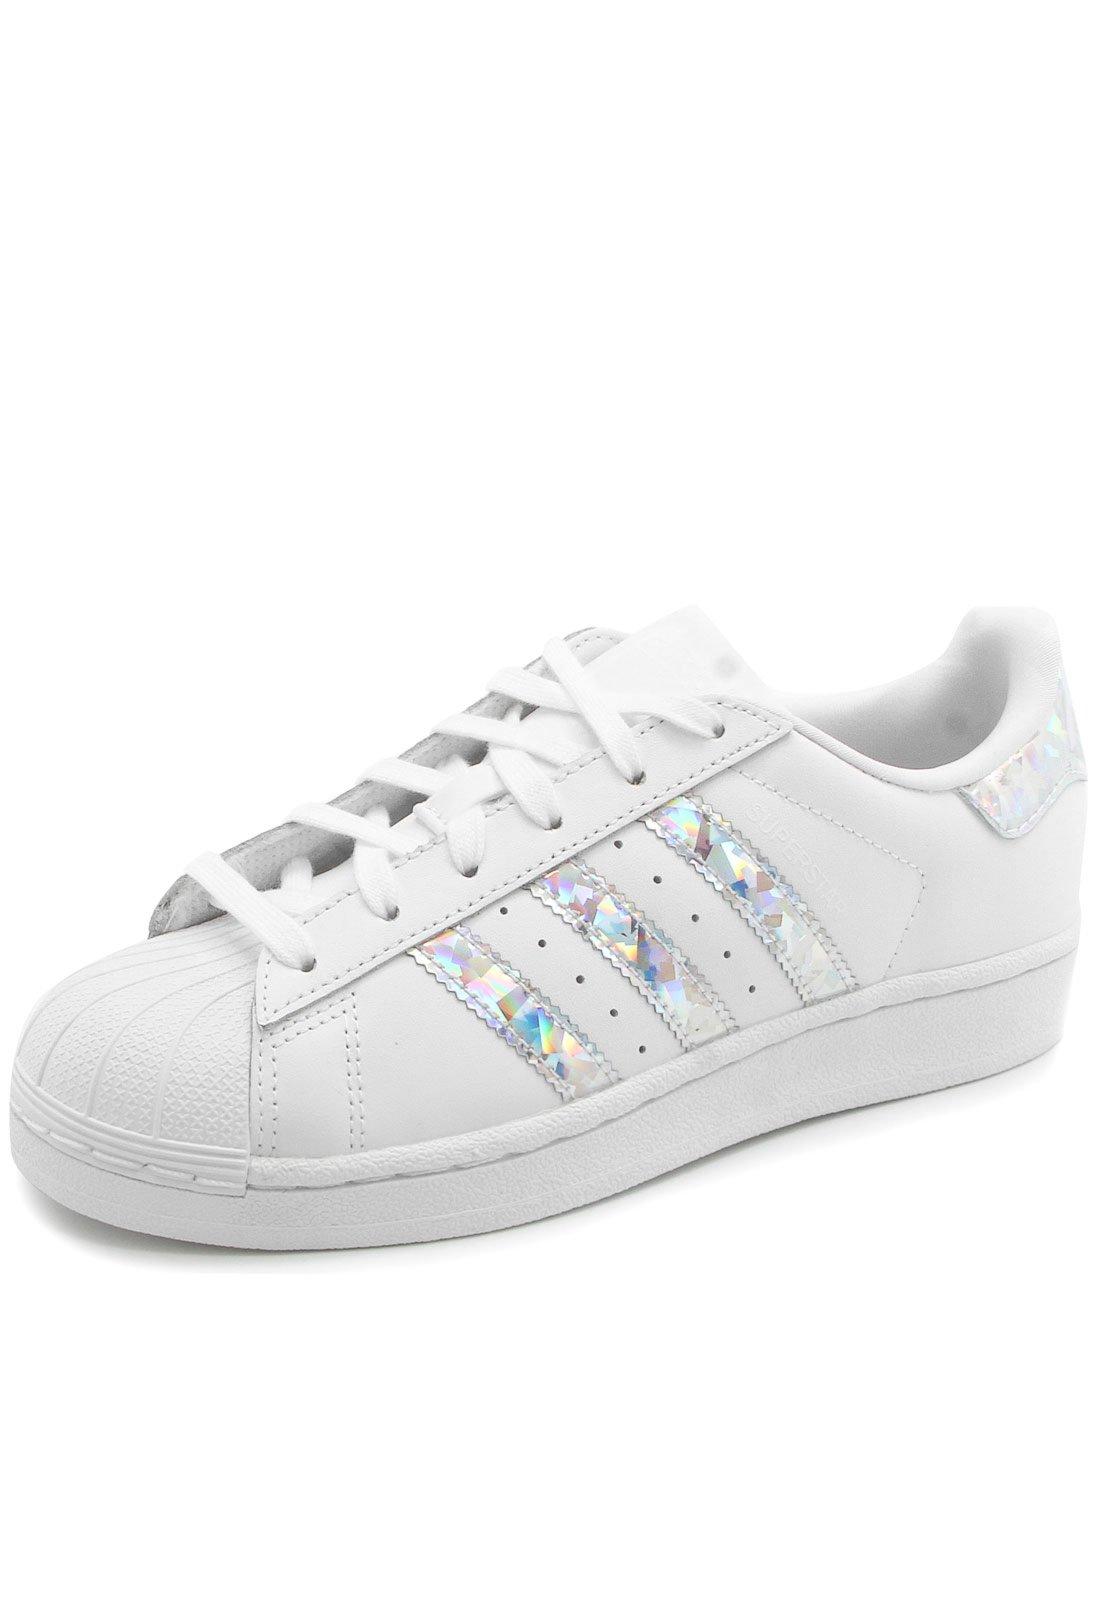 Tênis adidas Originals Superstar J Branco